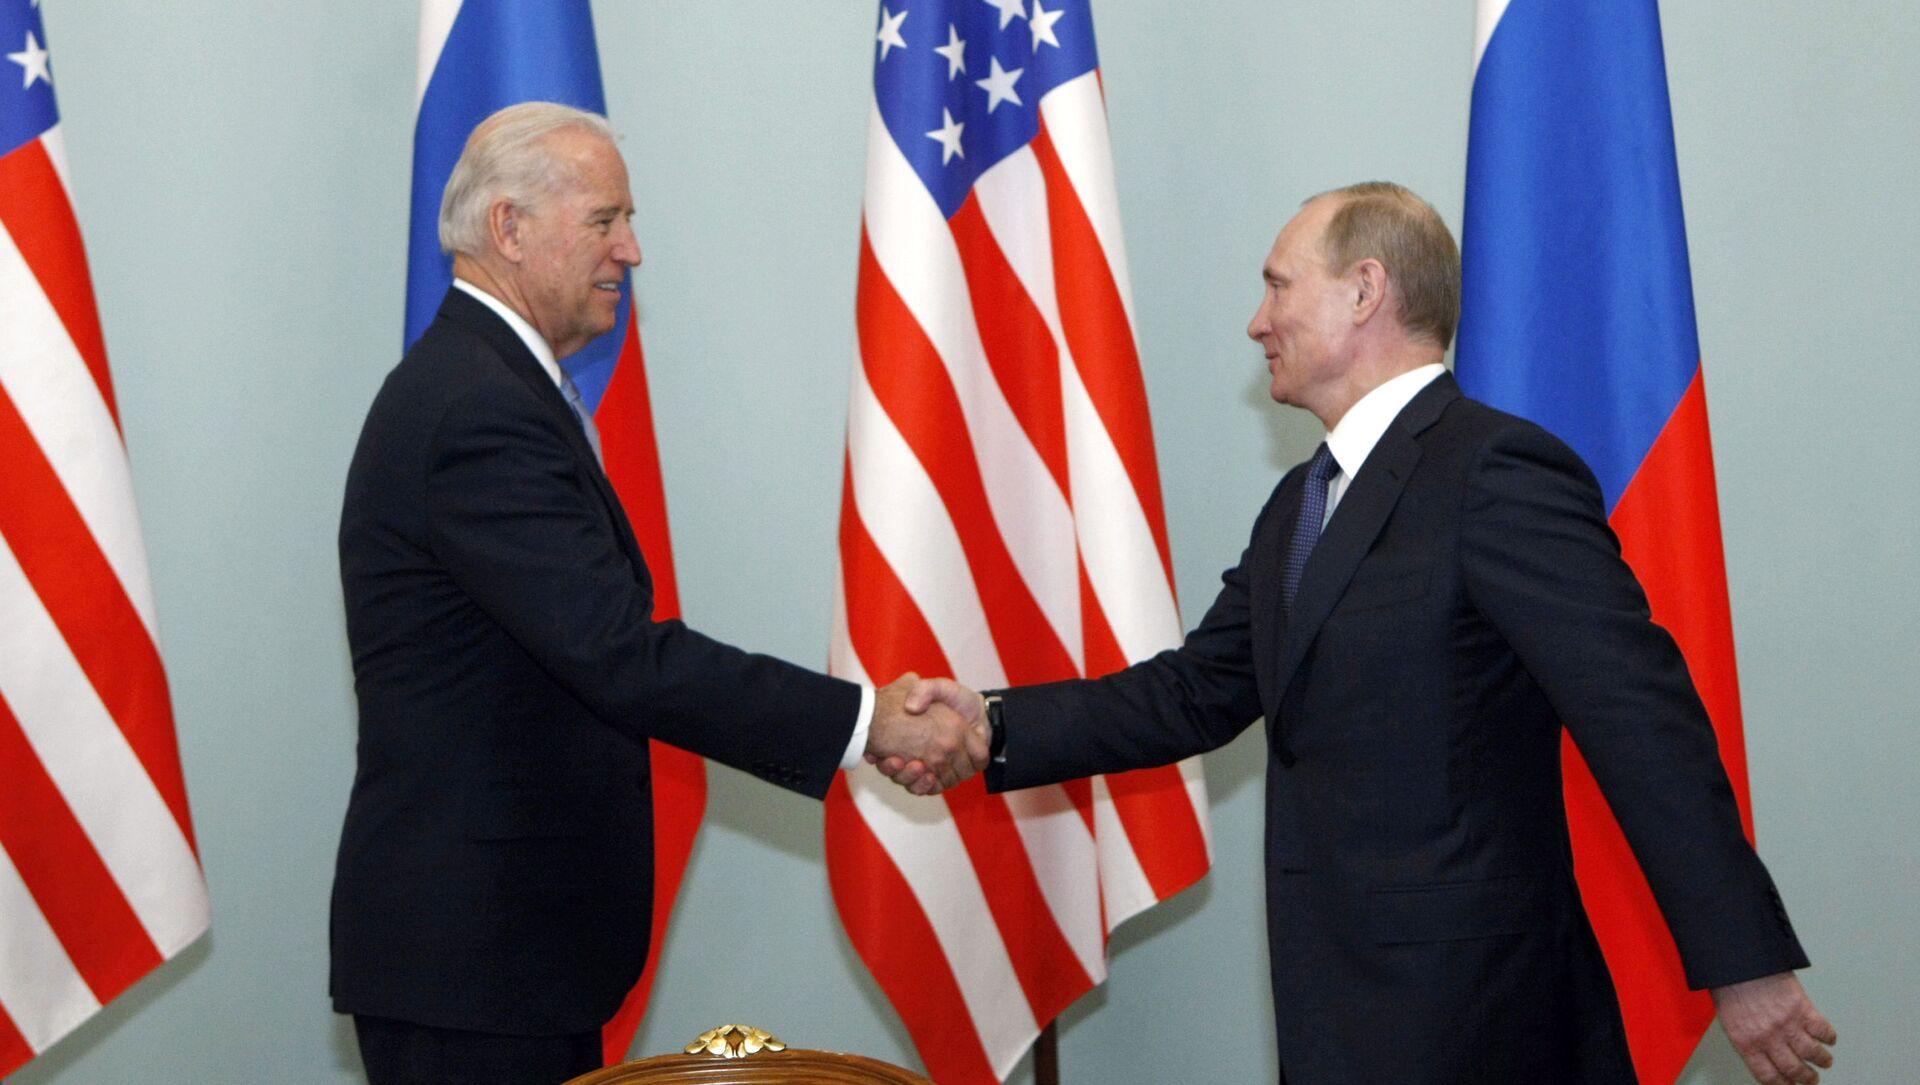 Spotkanie Władimira Putina z Josephem Bidenem. Zdjęcie archiwalne - Sputnik Polska, 1920, 15.06.2021